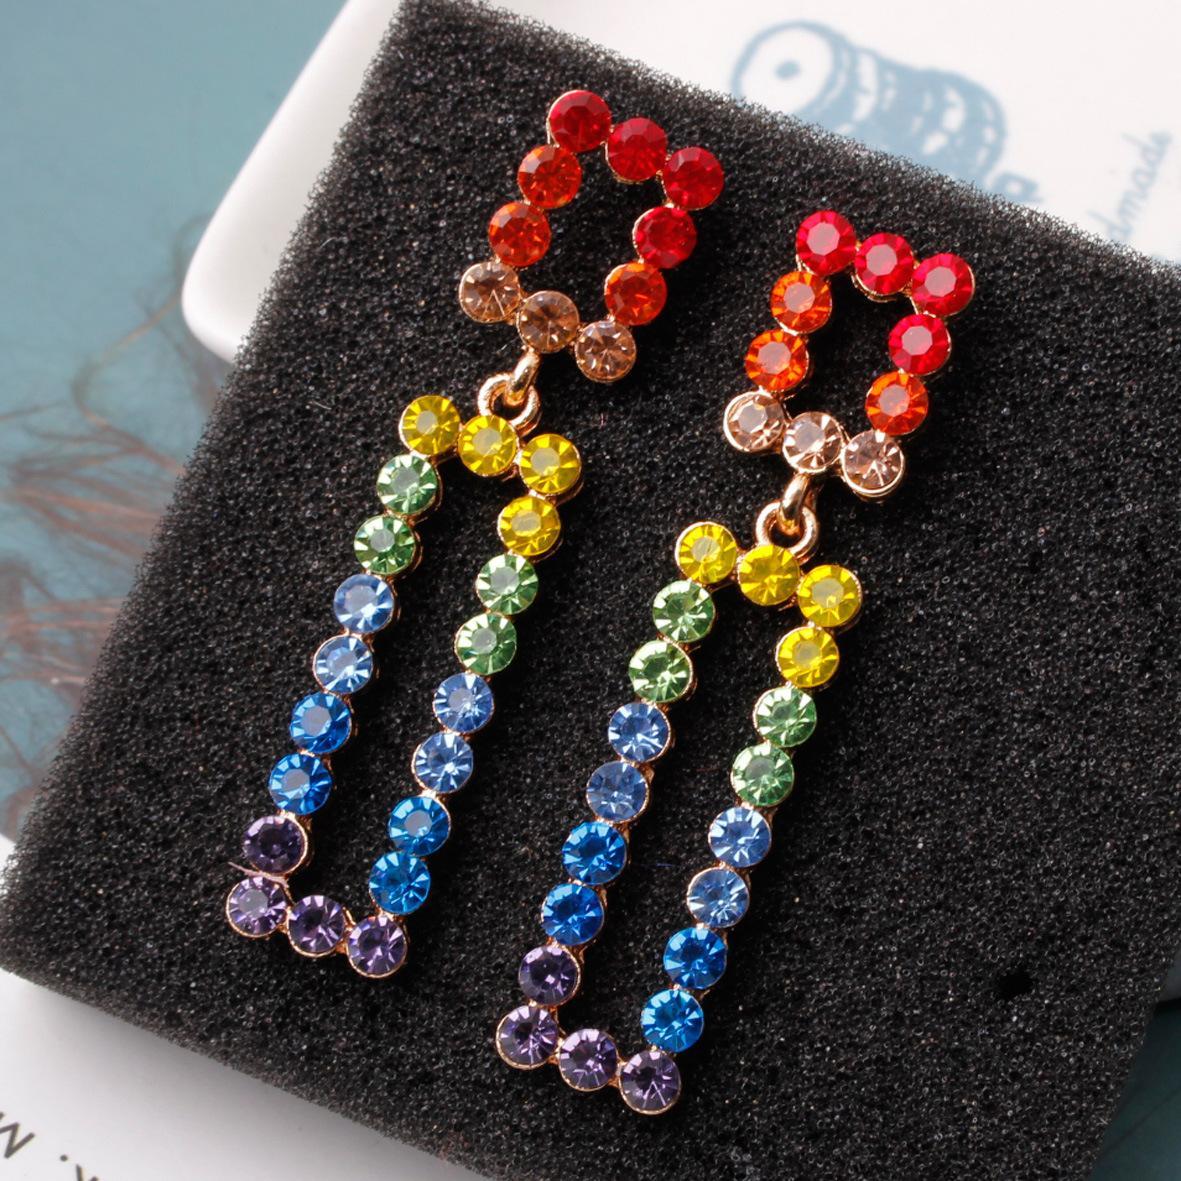 S925 Silber pin Ohrringe übertrieben Ohrringe in Europa und Amerika geometrisch einfache Farbe Diamant-Ohrringe Großhandel